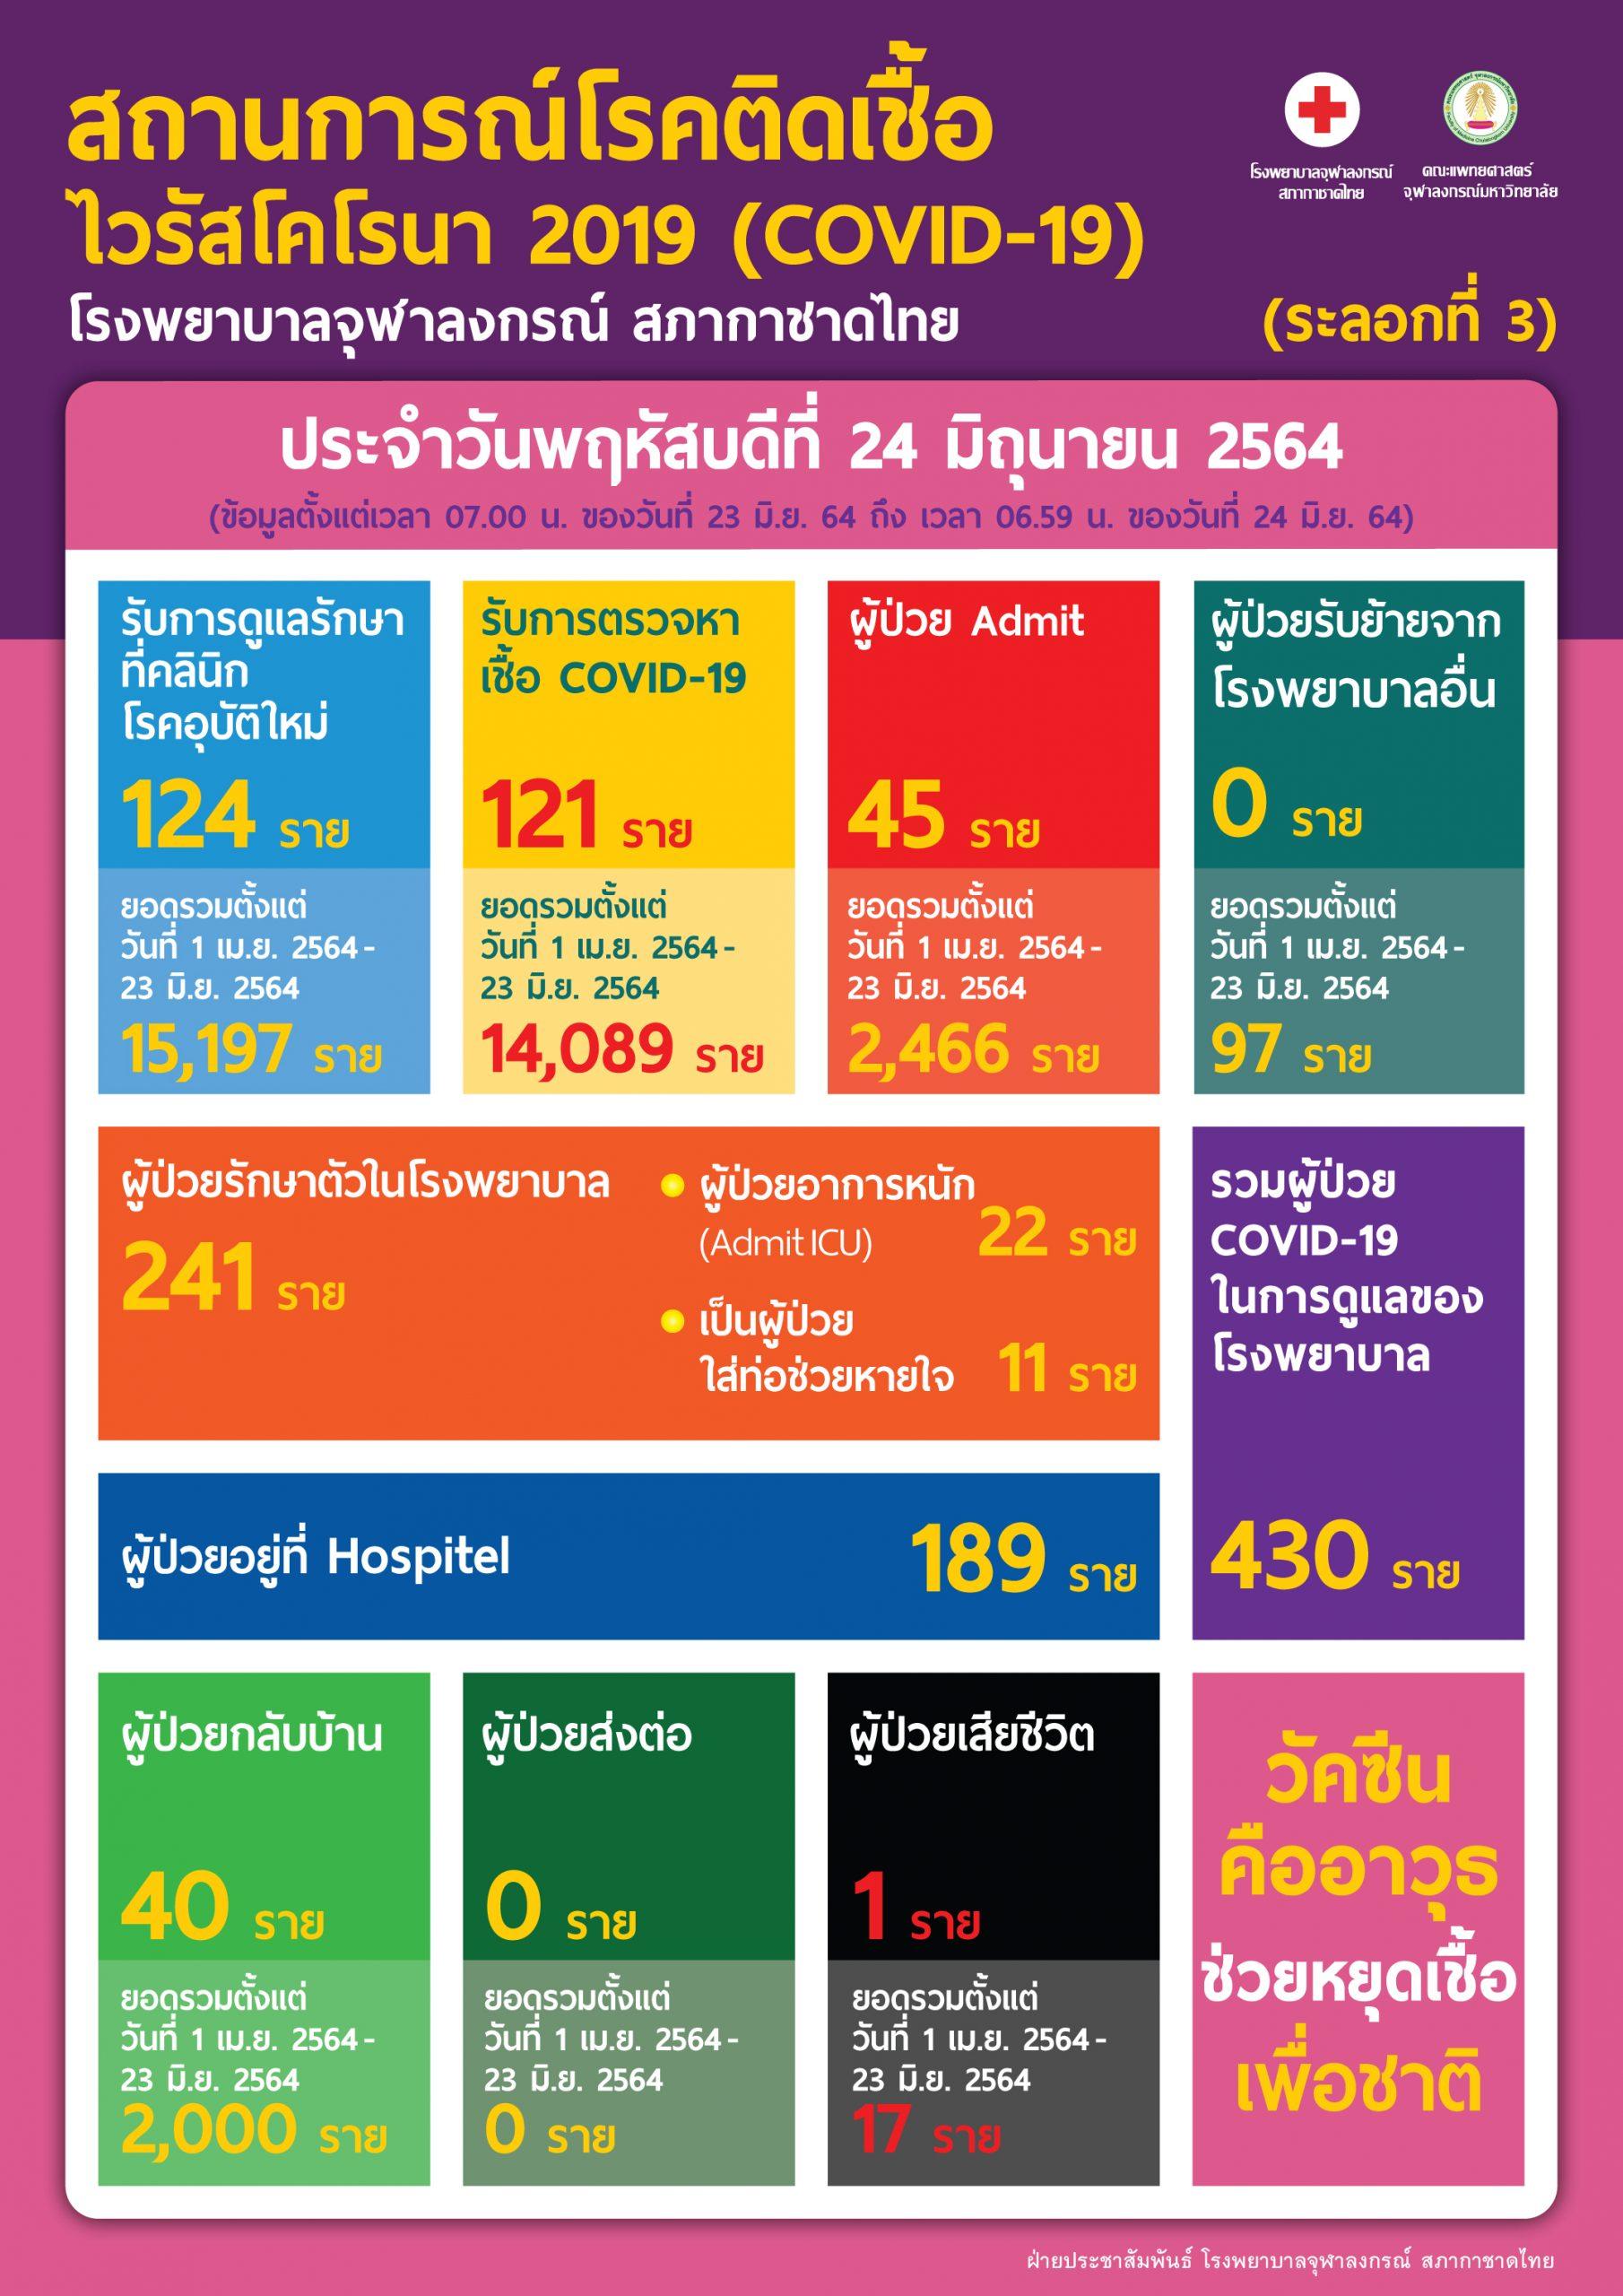 สถานการณ์โรคติดเชื้อไวรัสโคโรนา 2019 (COVID-19) (ระลอกที่ 3) โรงพยาบาลจุฬาลงกรณ์ สภากาชาดไทย  ประจำวันพฤหัสบดีที่ 24 มิถุนายน 2564